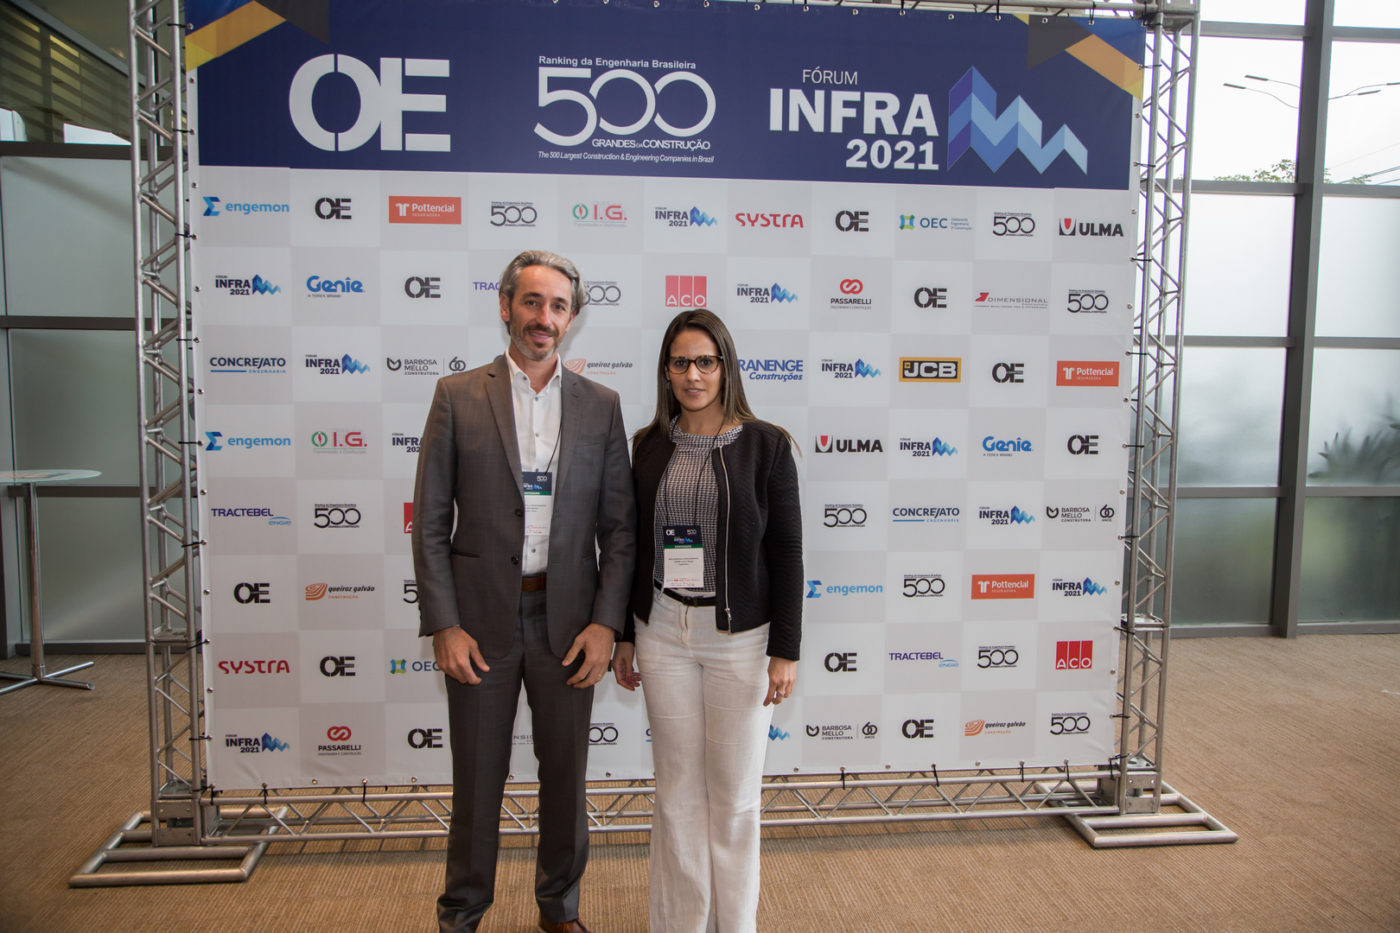 FÓRUM INFRA 2021FORUM 2021 REVISTA OE-505